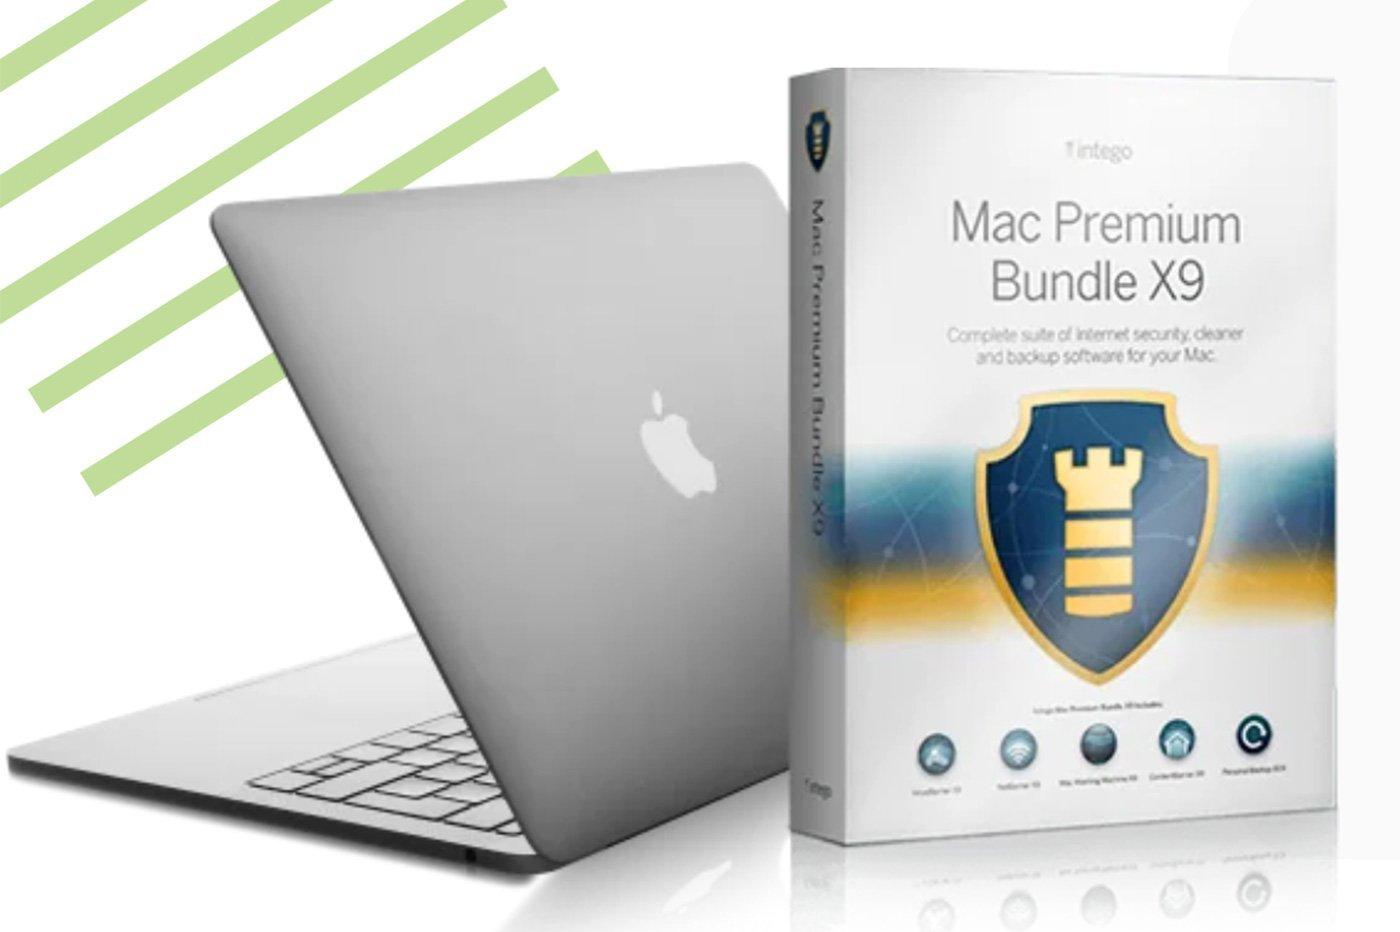 Intego Antivirus Mac